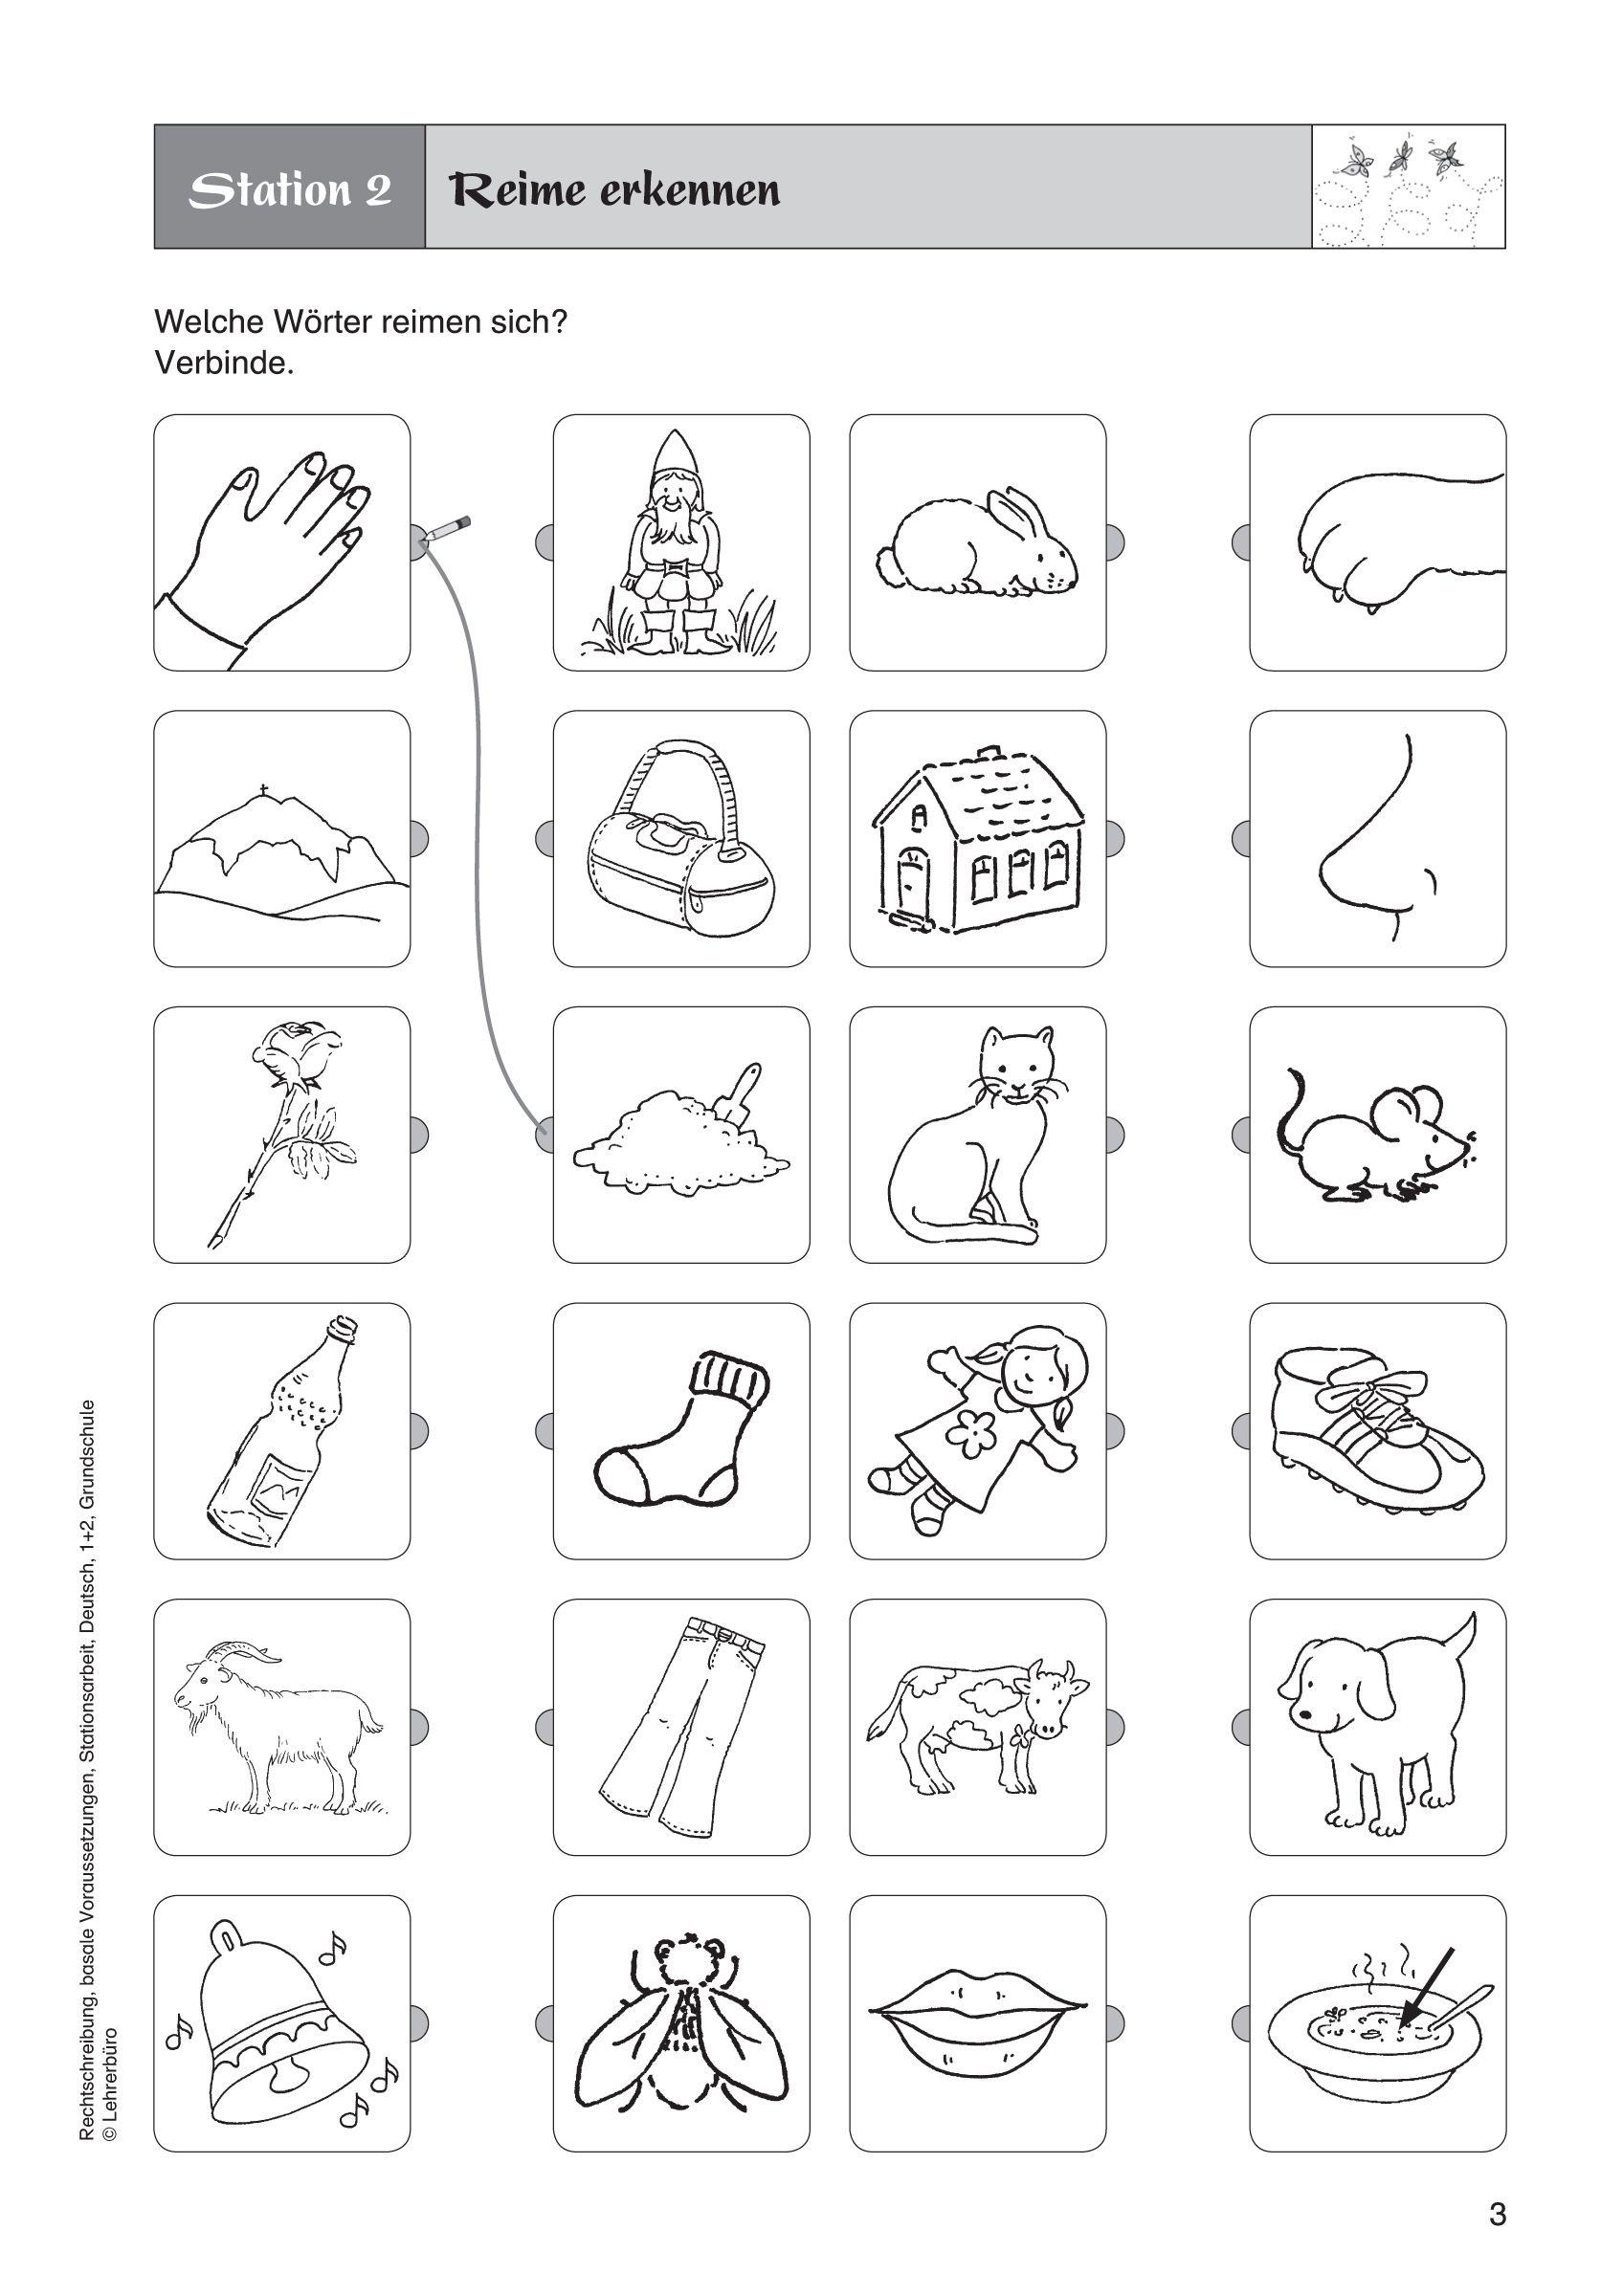 Arbeitsblätter Grundschule 1 Klasse Ausdrucken 1 Klasse in Übungsblätter Vorschule Kostenlos Ausdrucken